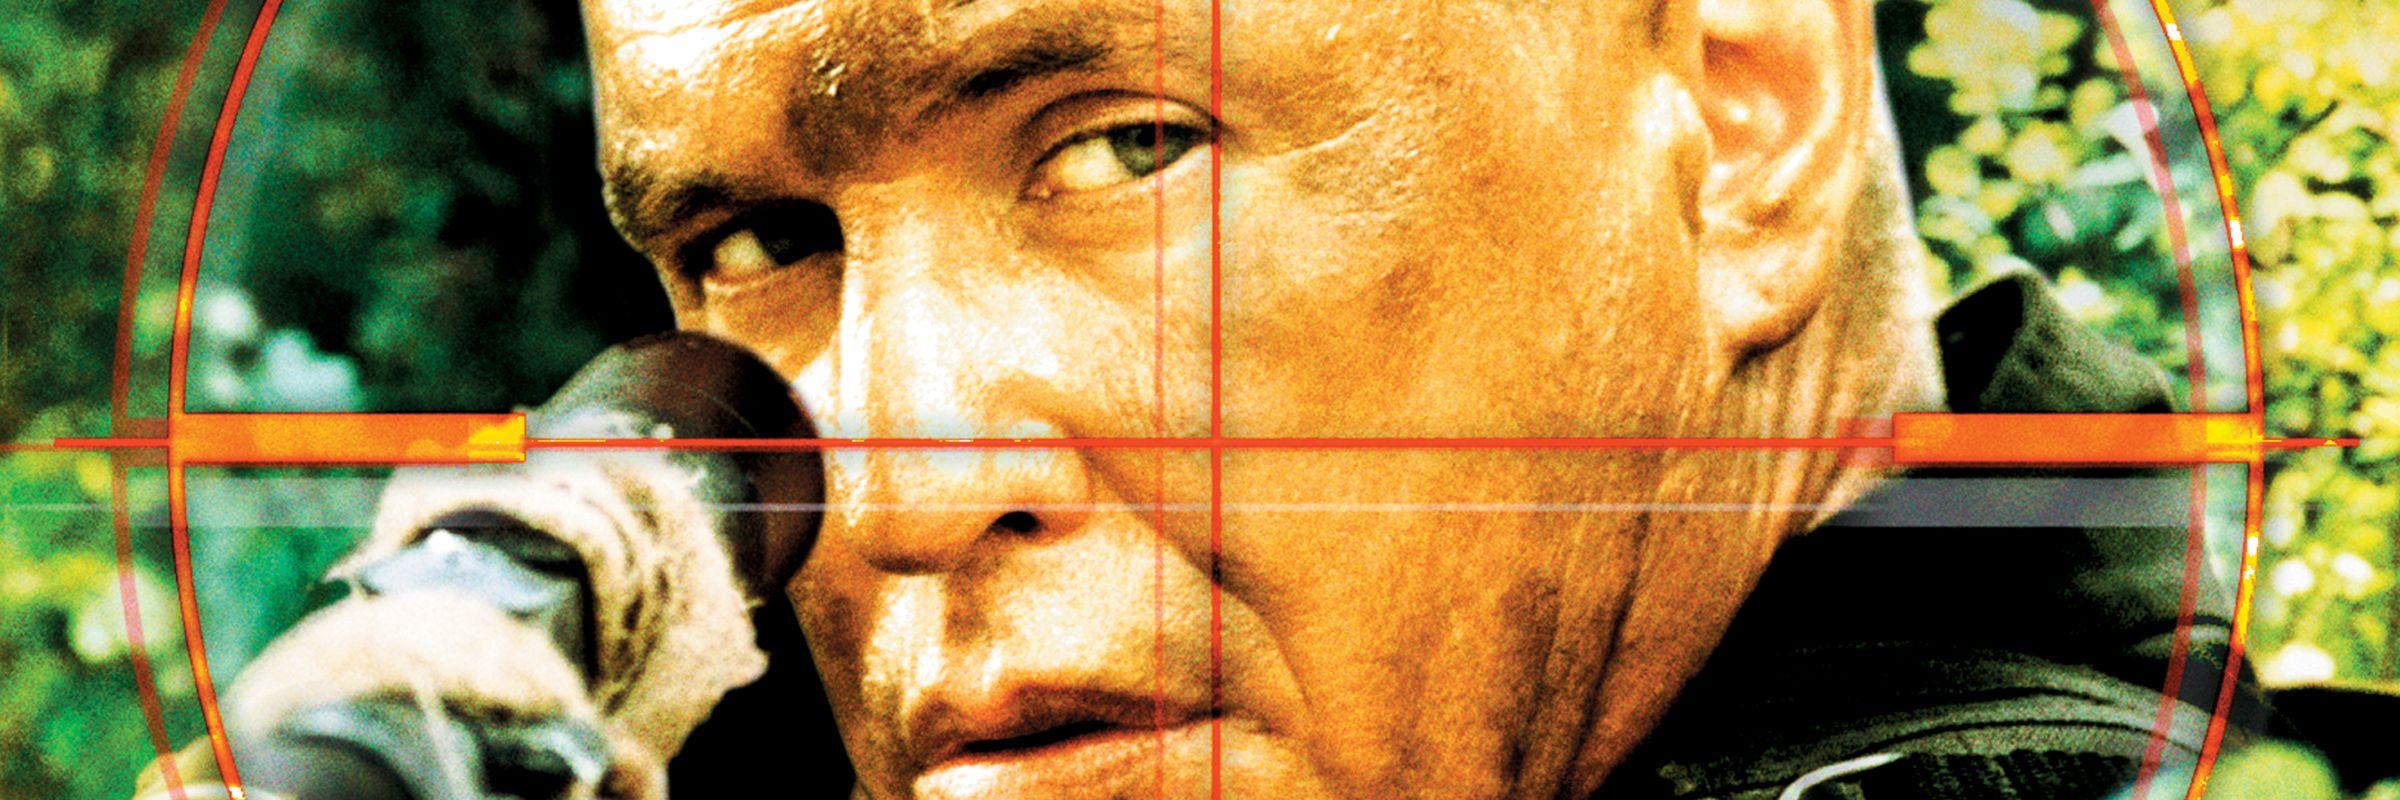 Sniper 2 Film